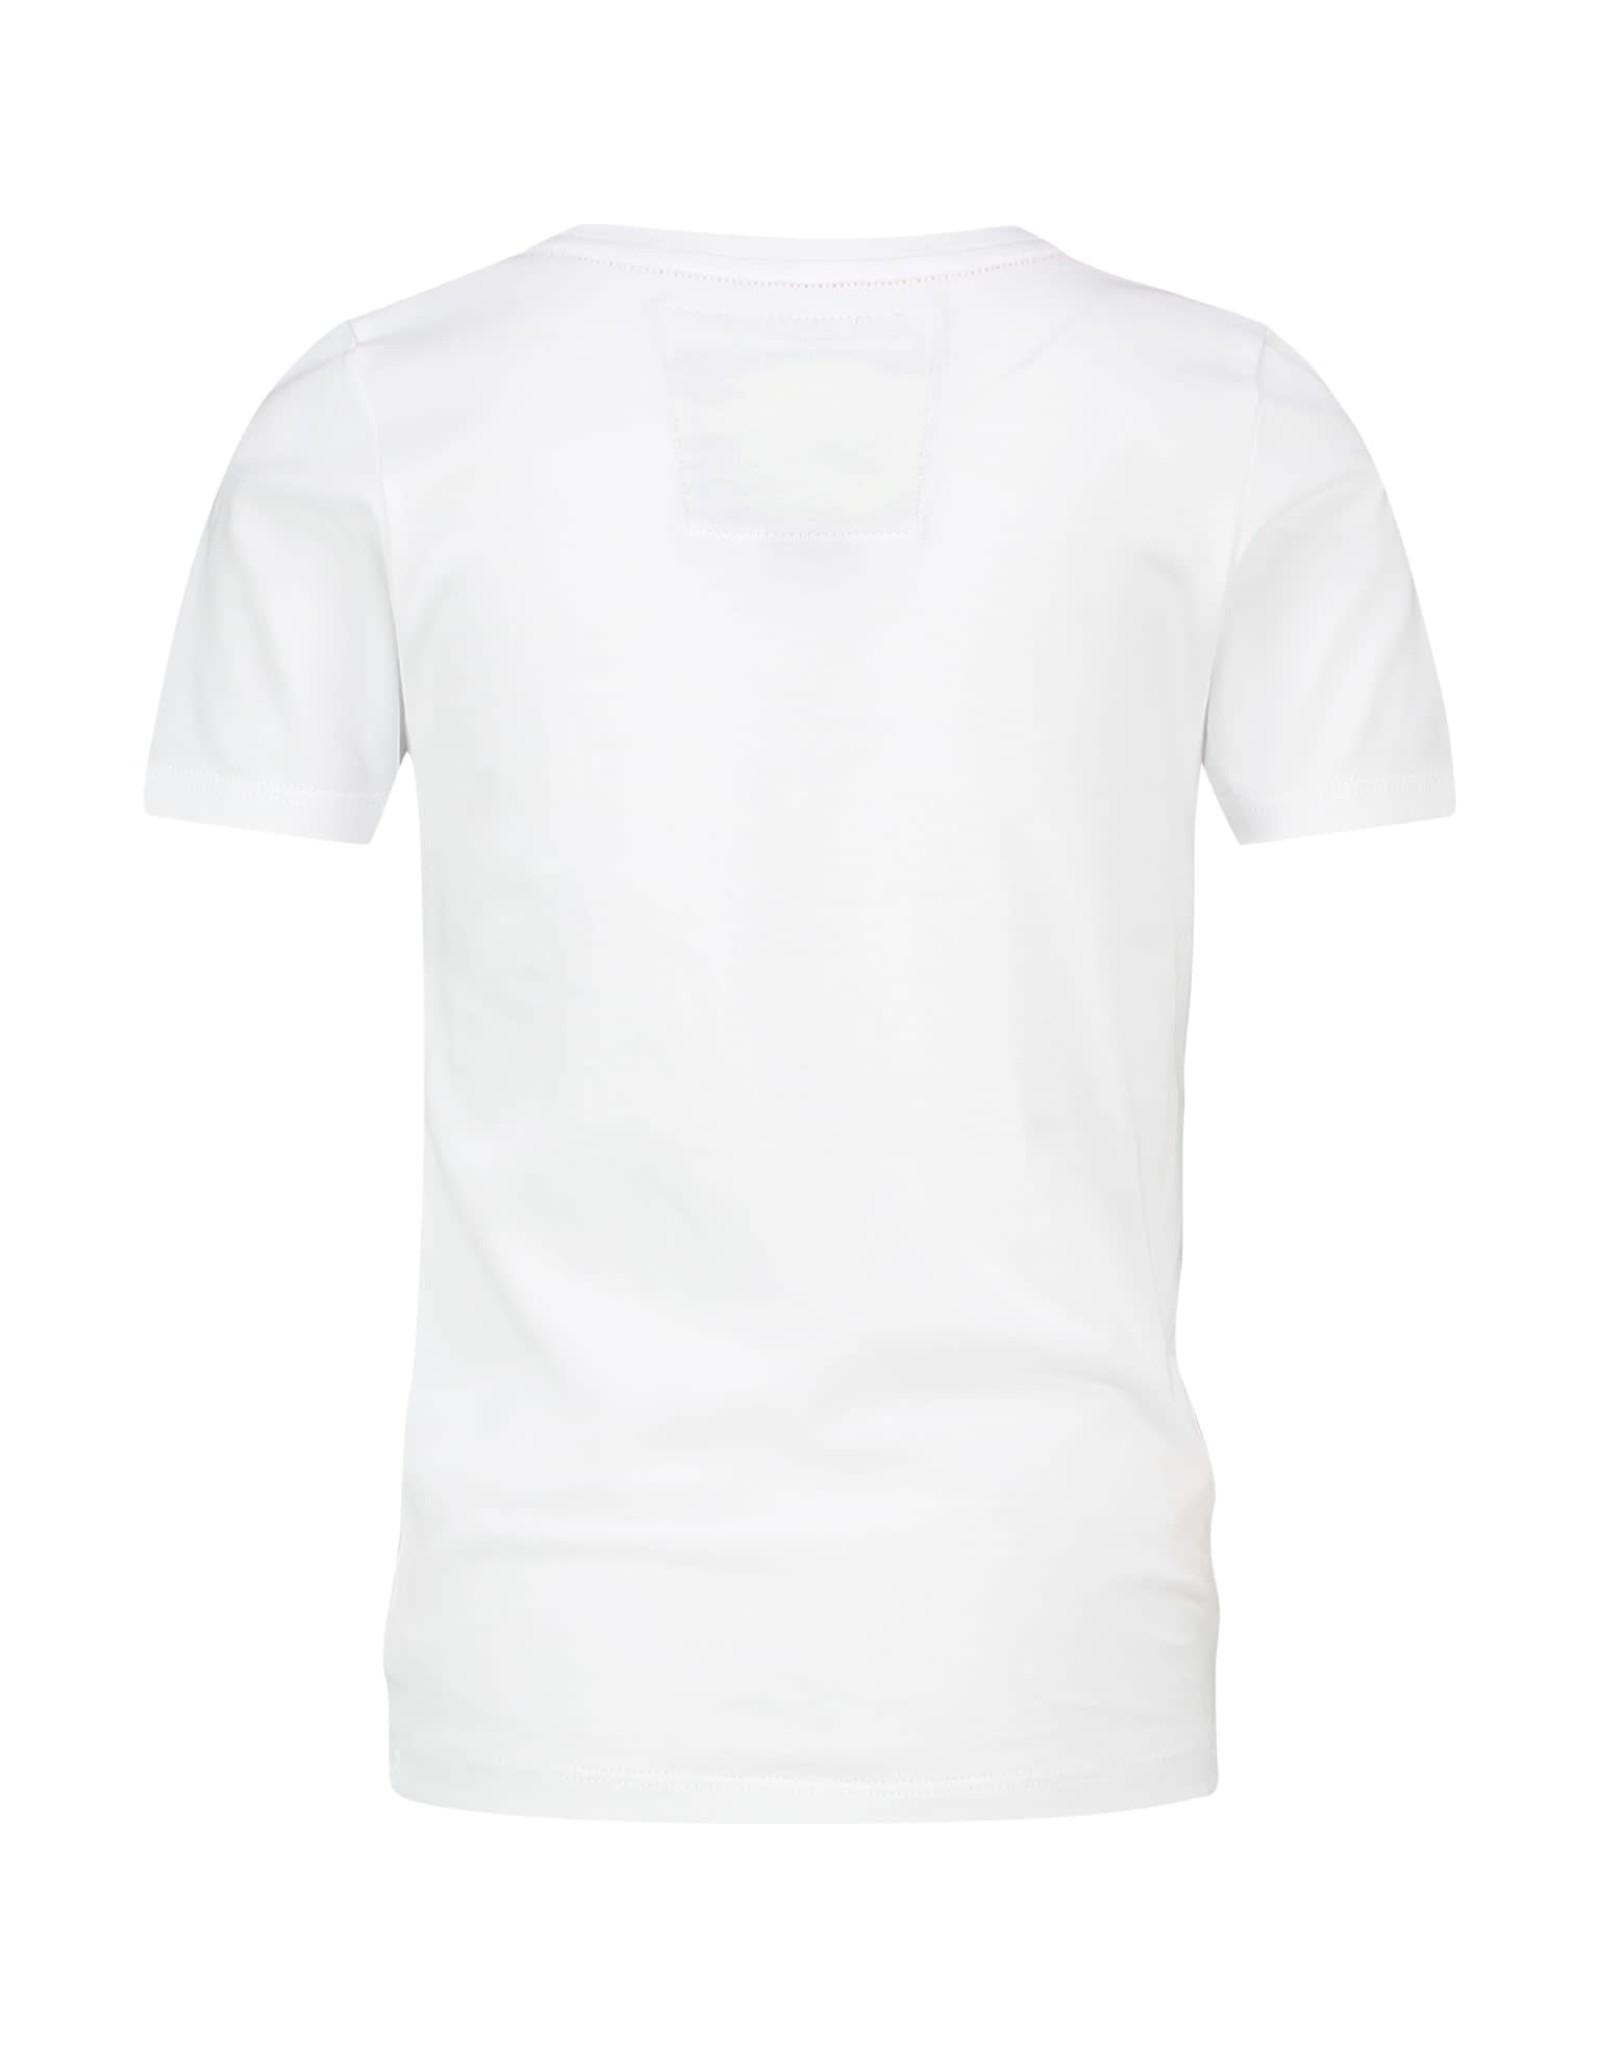 Vingino Vingino jongens t-shirt Hanko